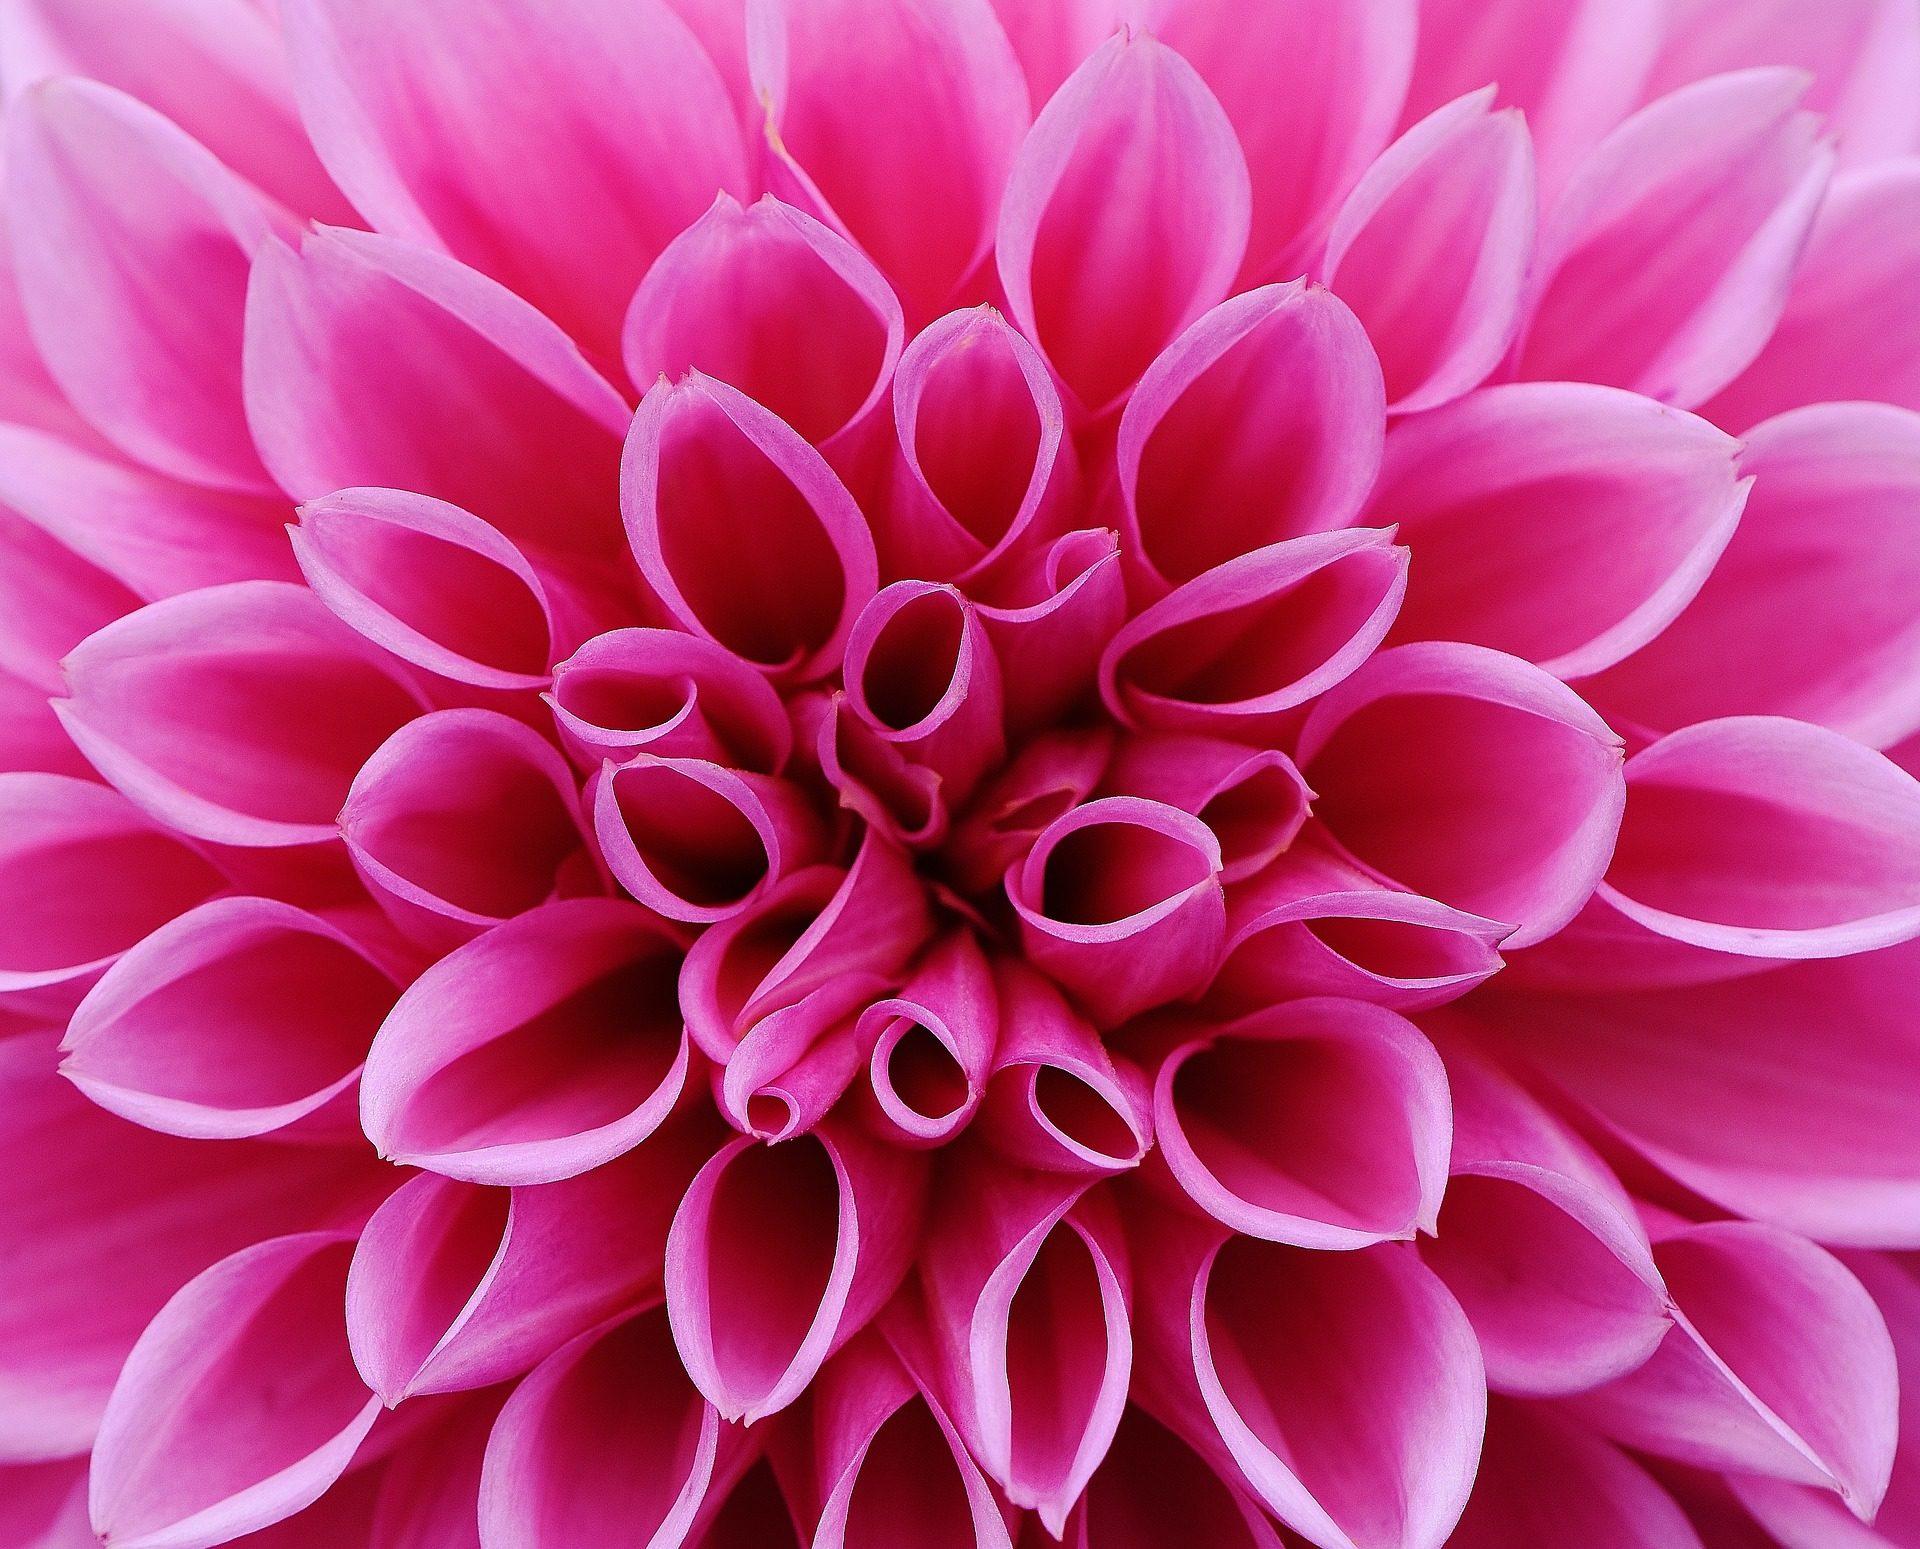 fiore, Dalia, petali di, Rose, quantità, Forme - Sfondi HD - Professor-falken.com